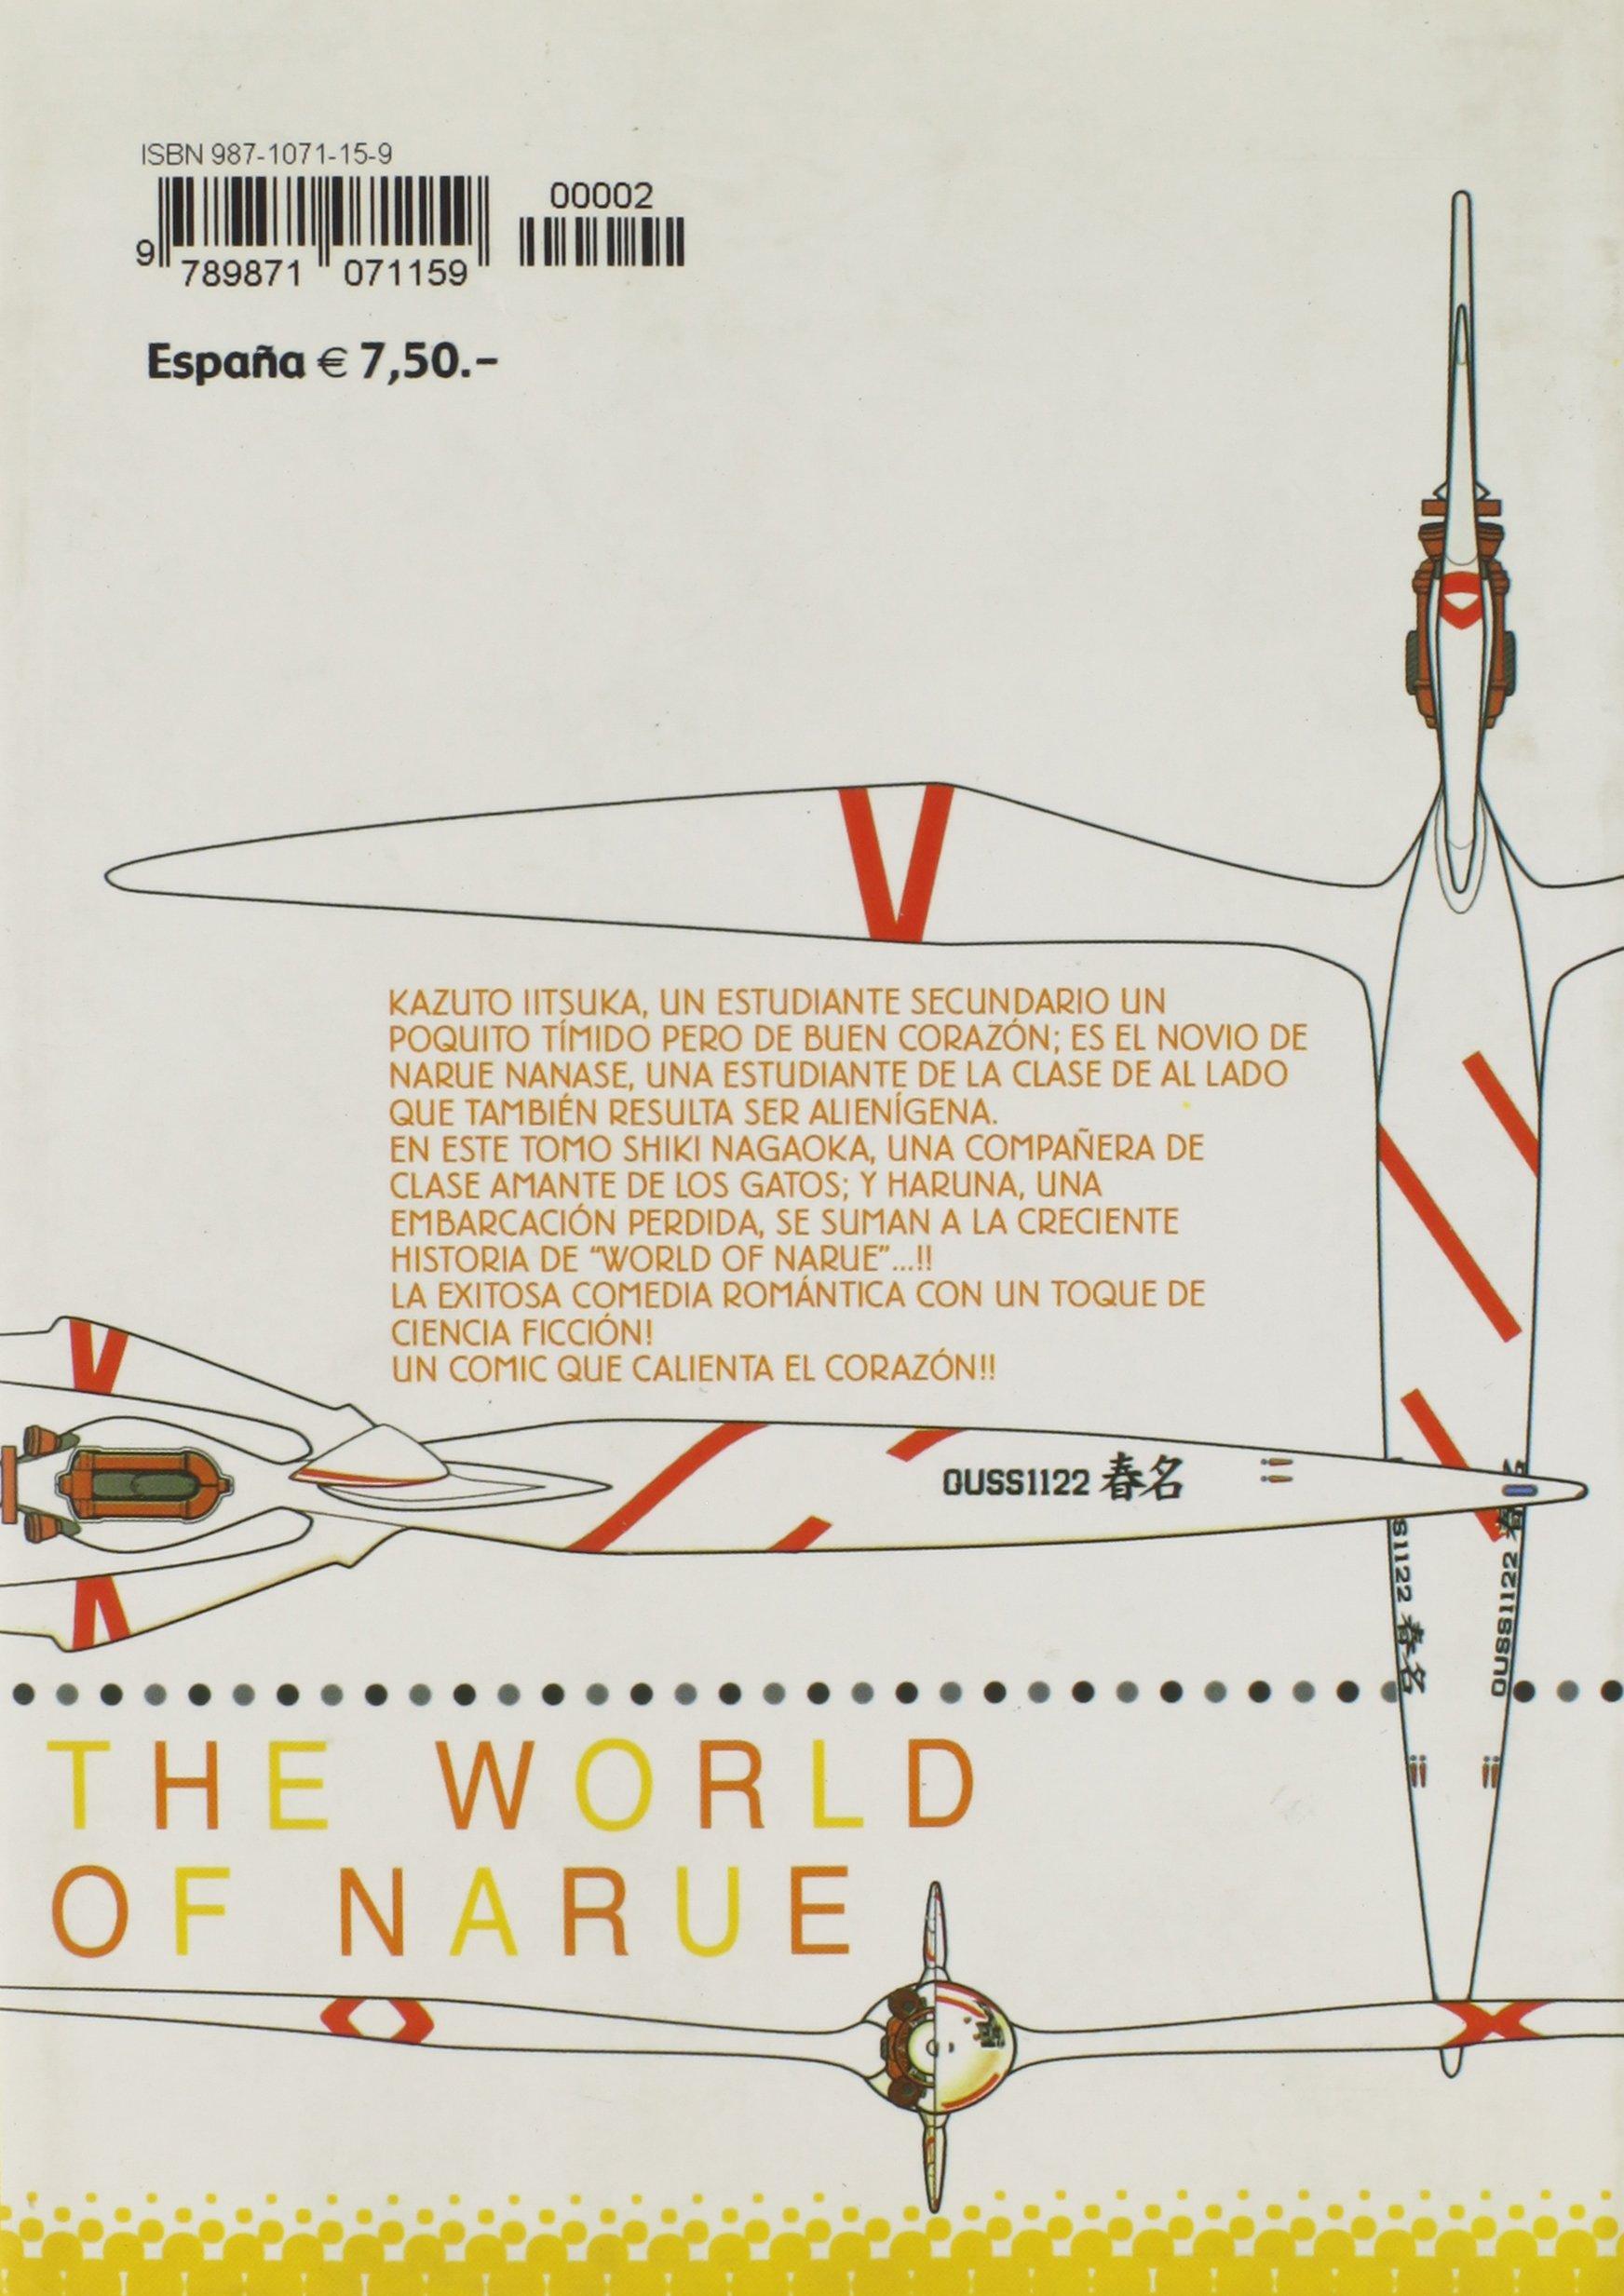 World of Narue 2 (Spanish Edition): Tomohiro Marukawa: 9789871071159: Amazon.com: Books